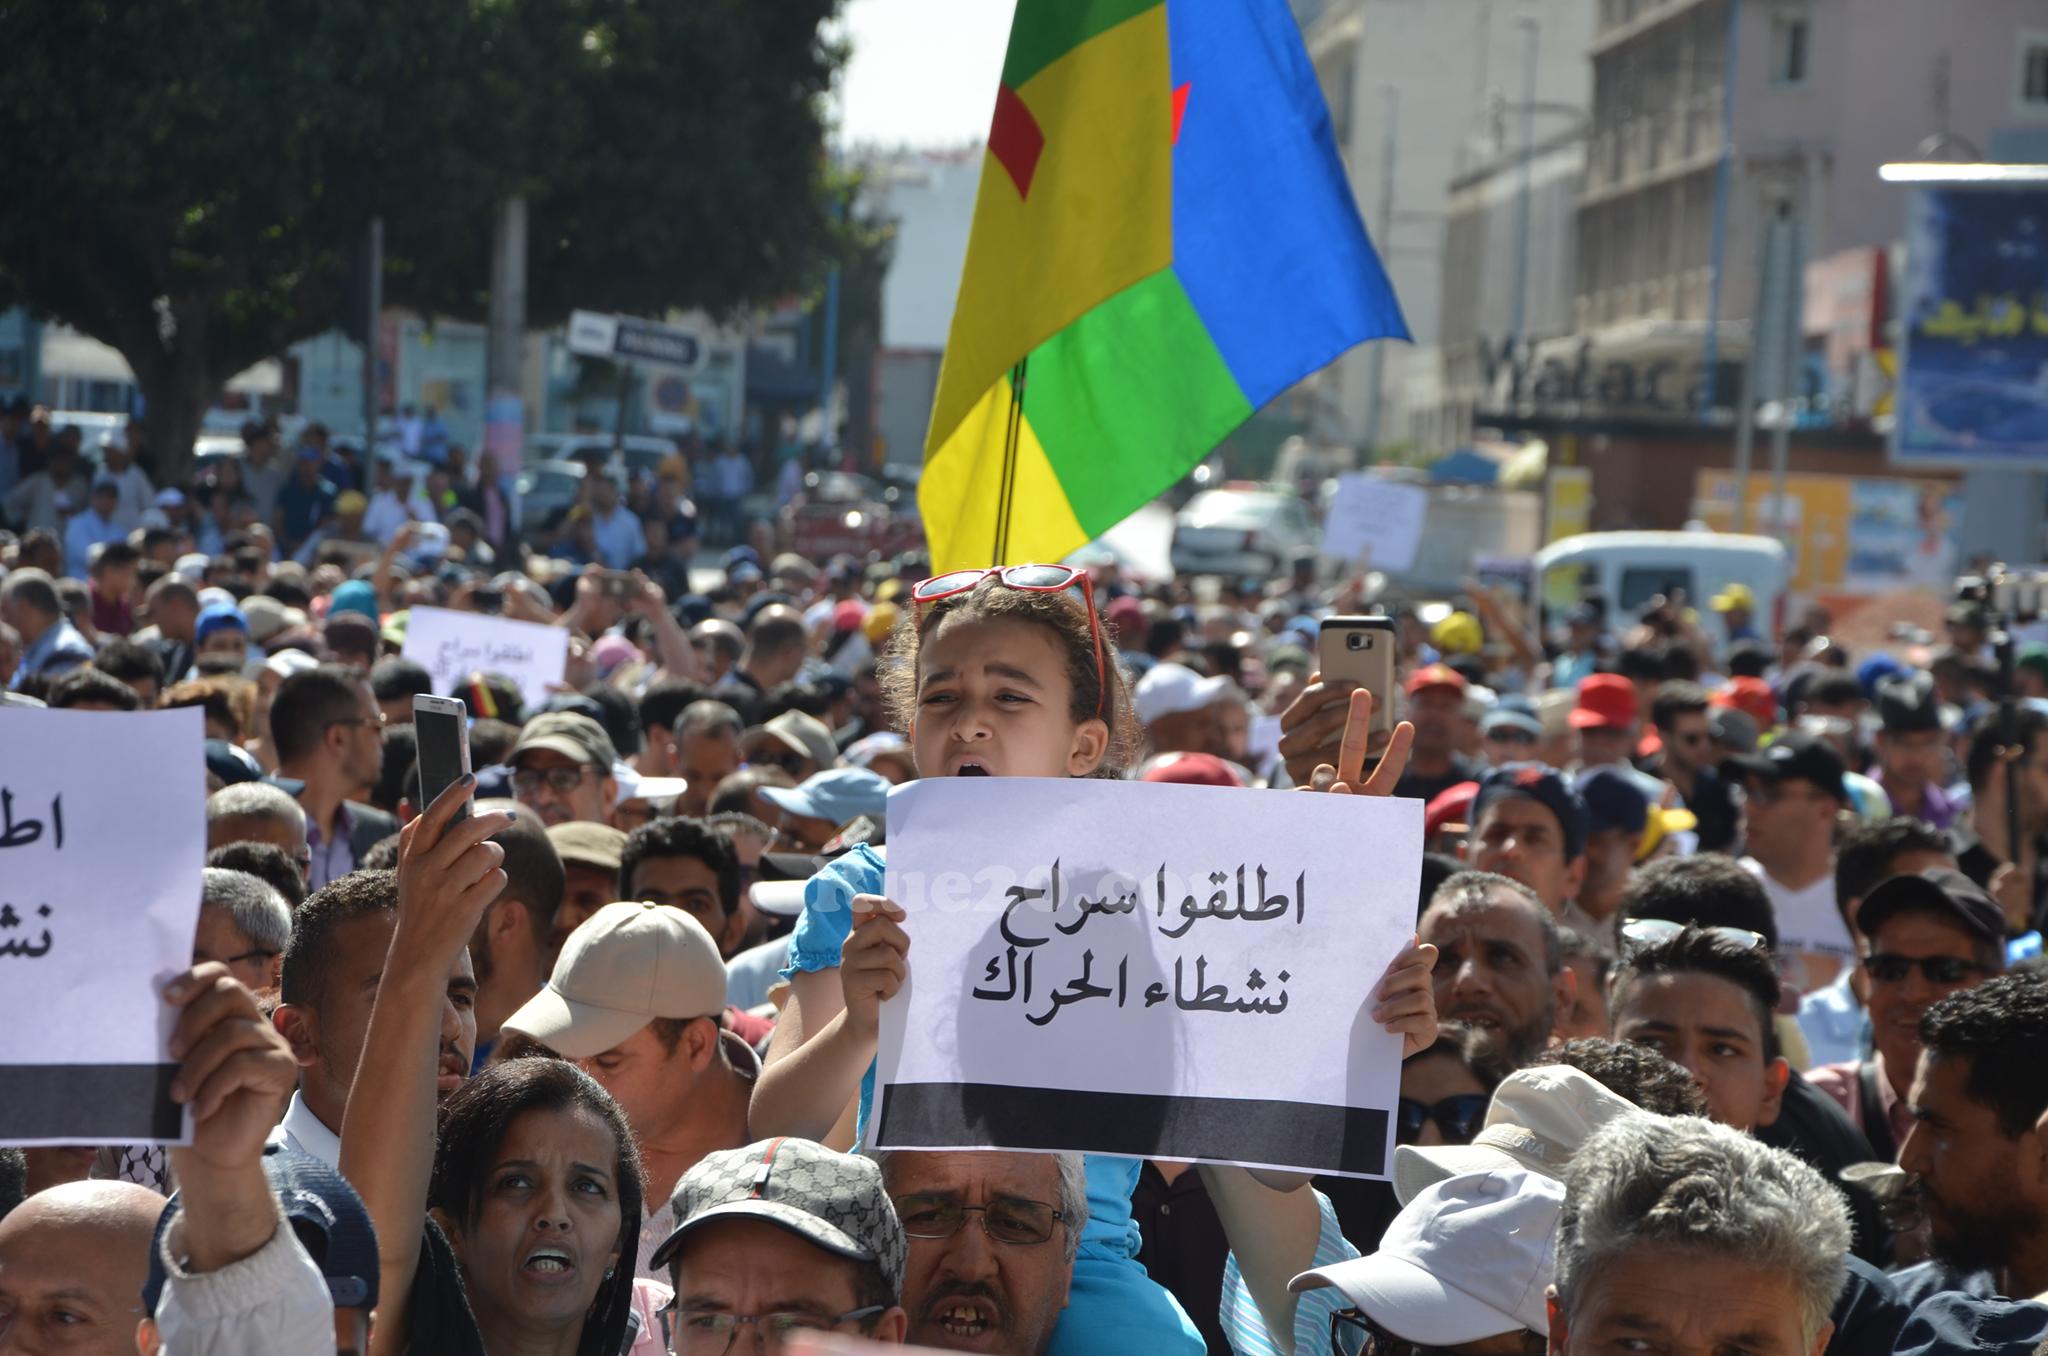 'الجماعة' تعلن مشاركتها في مسيرة دعم معتقلي الريف بالرباط بعد مقاطعة مسيرة الدارالبيضاء